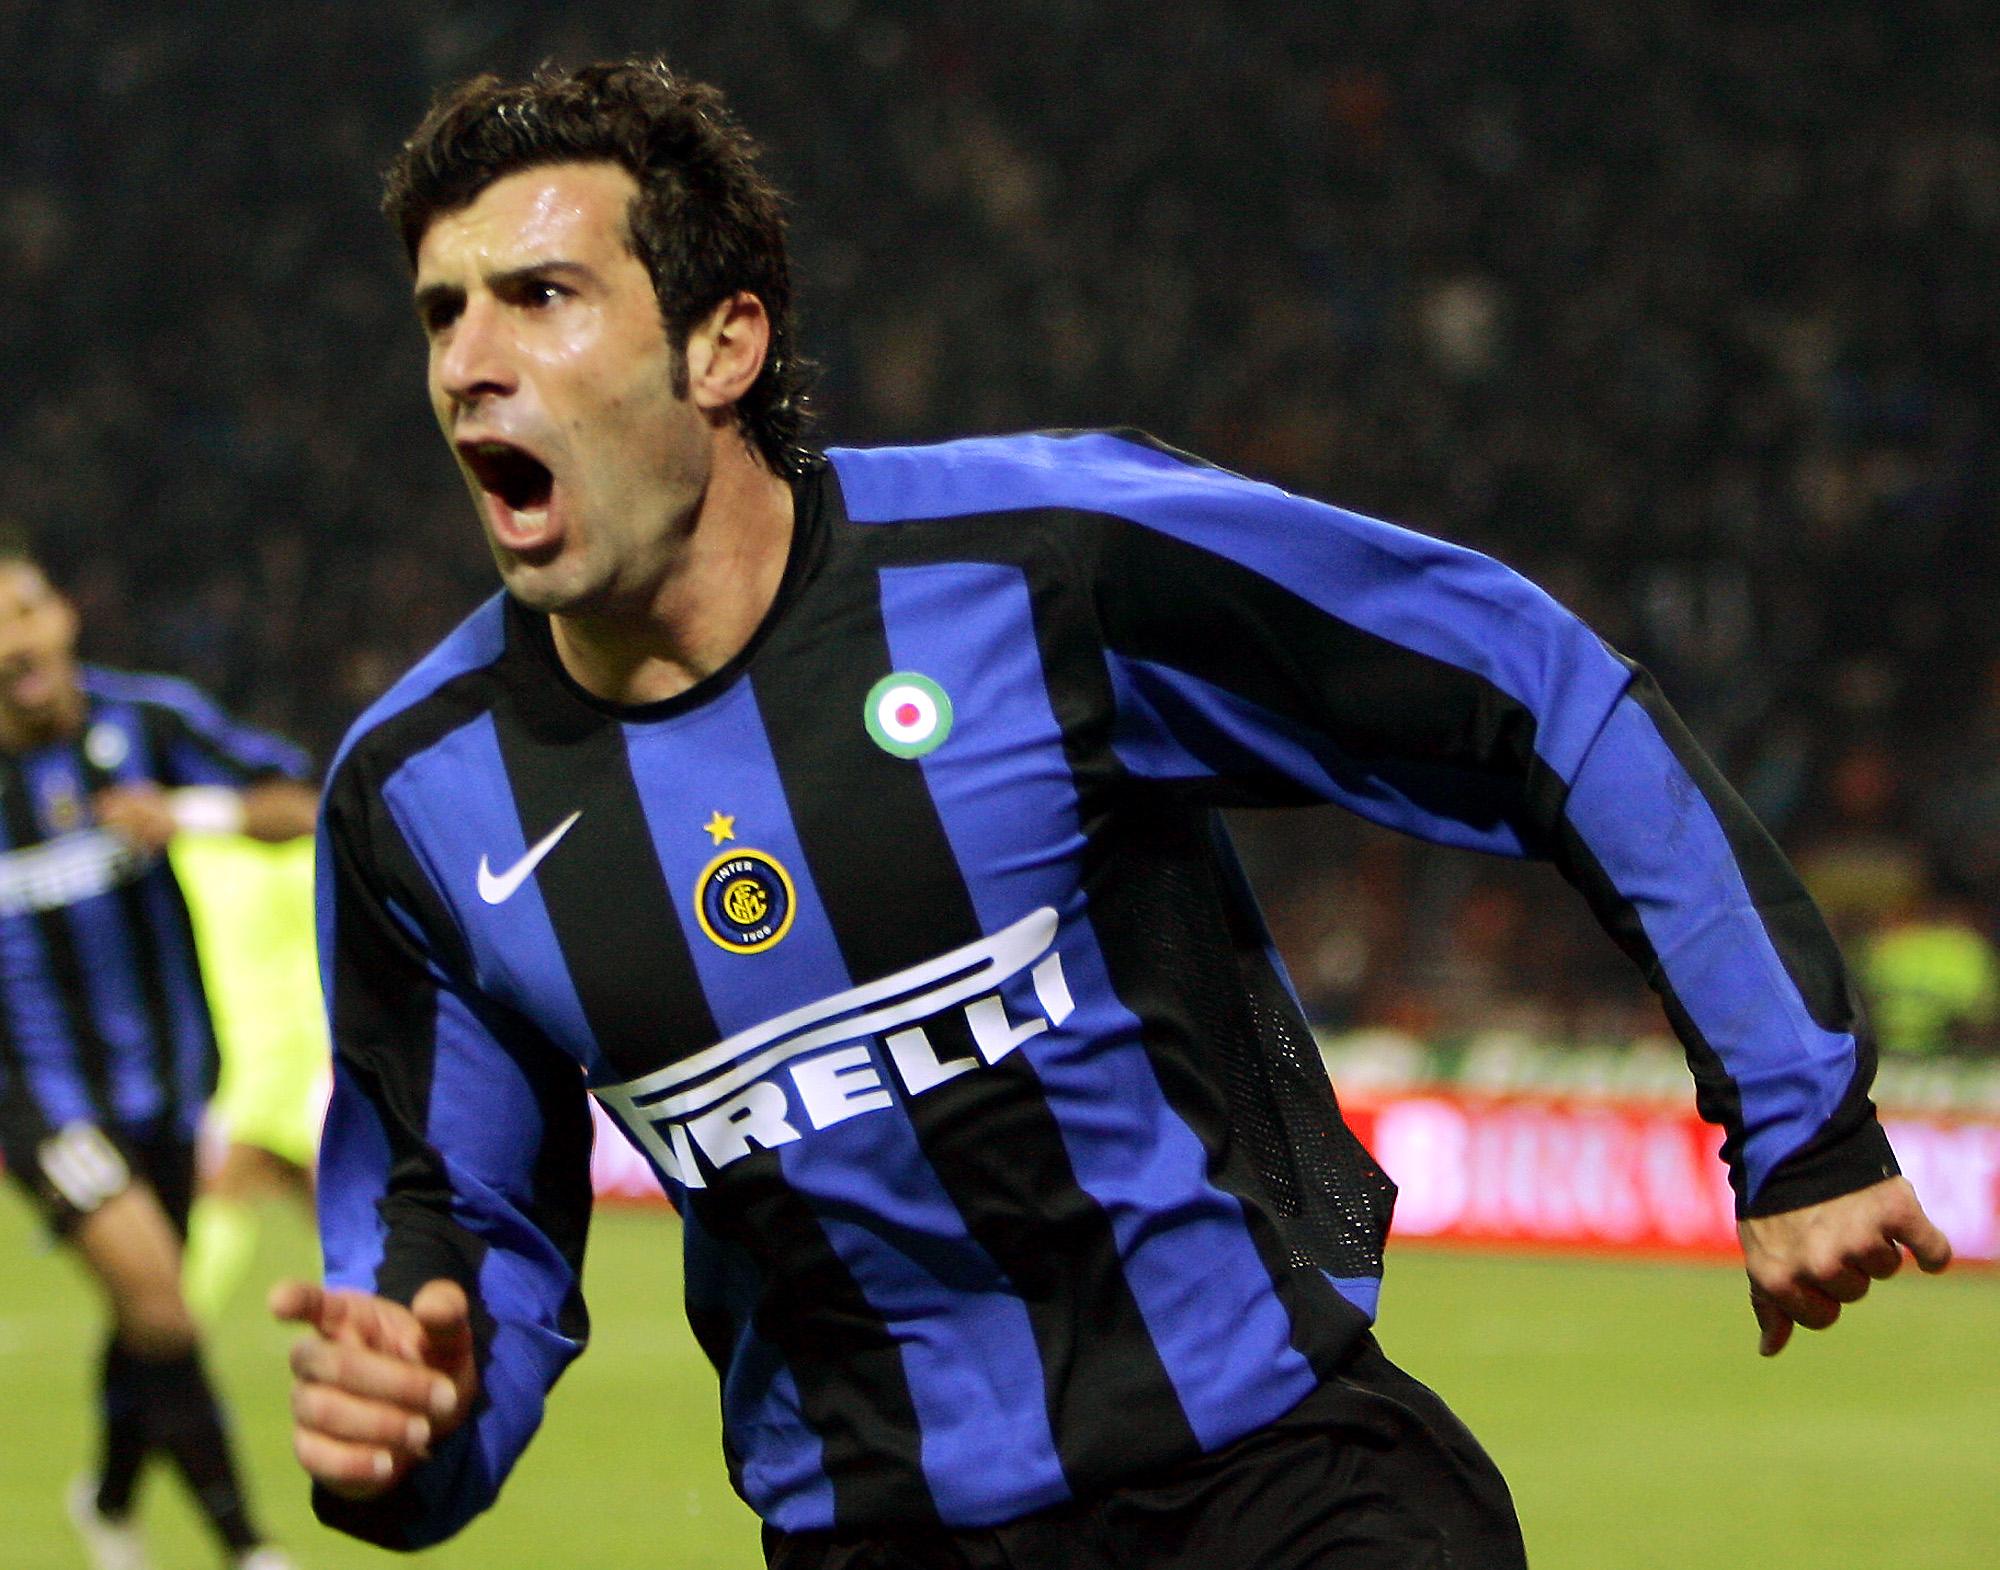 Ovo su najveće izdajice u istoriji fudbala Luis_figo2